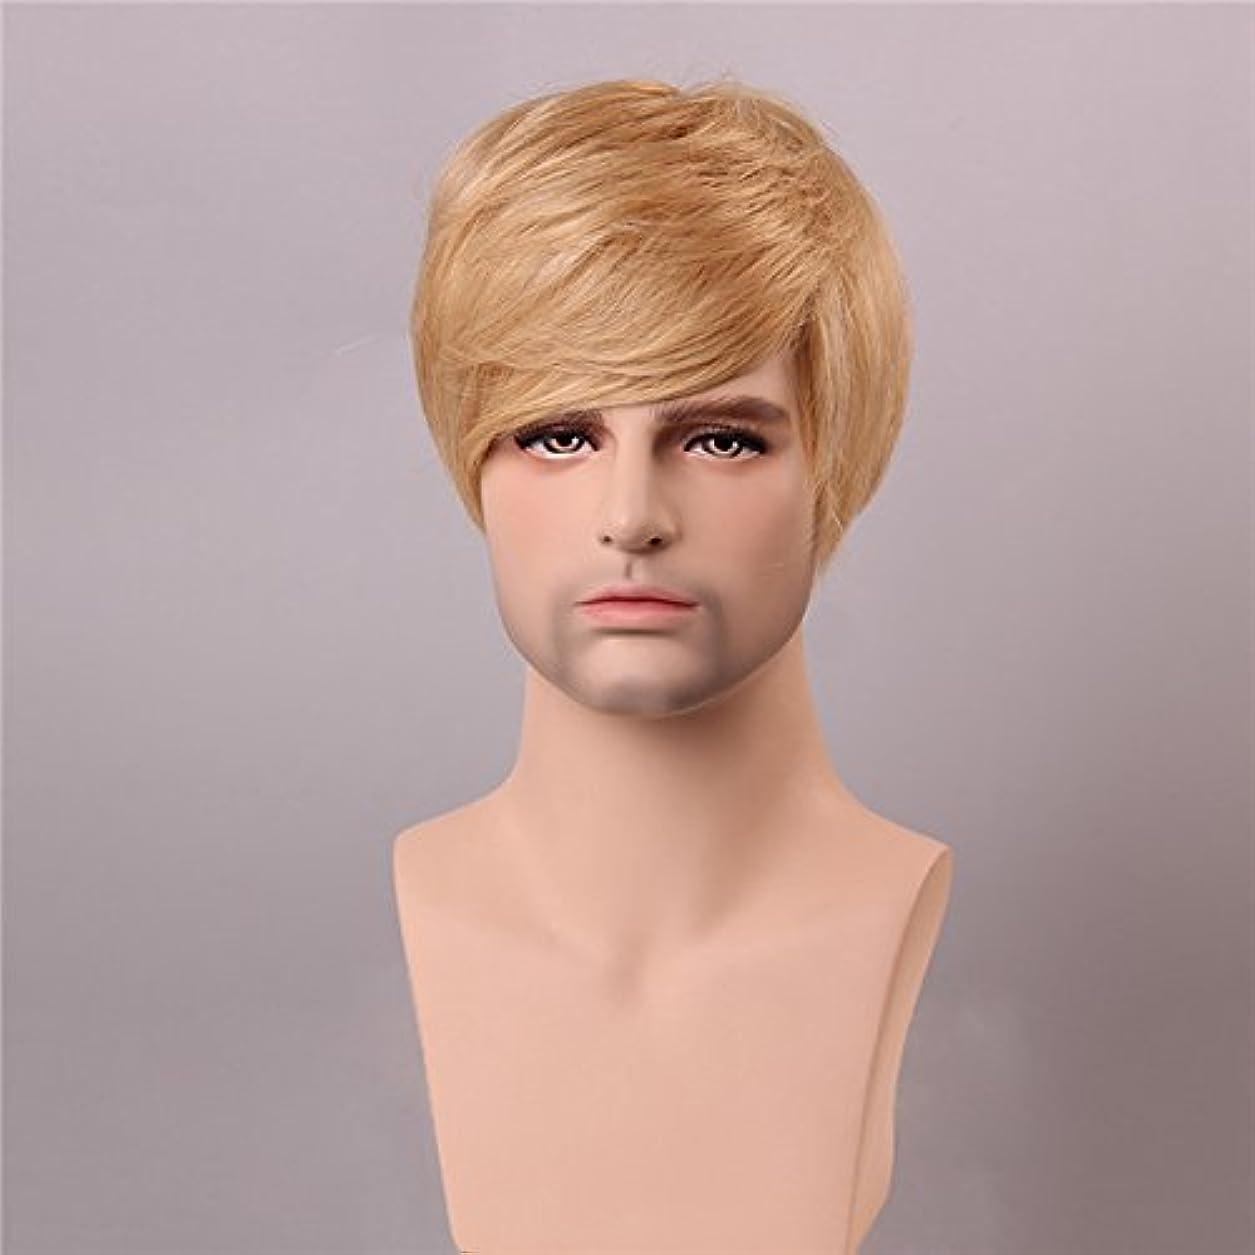 絶滅切り下げ変なYZUEYT ブロンドの男性短いモノラルトップの人間の髪のかつら男性のヴァージンレミーキャップレスサイドバング YZUEYT (Size : One size)